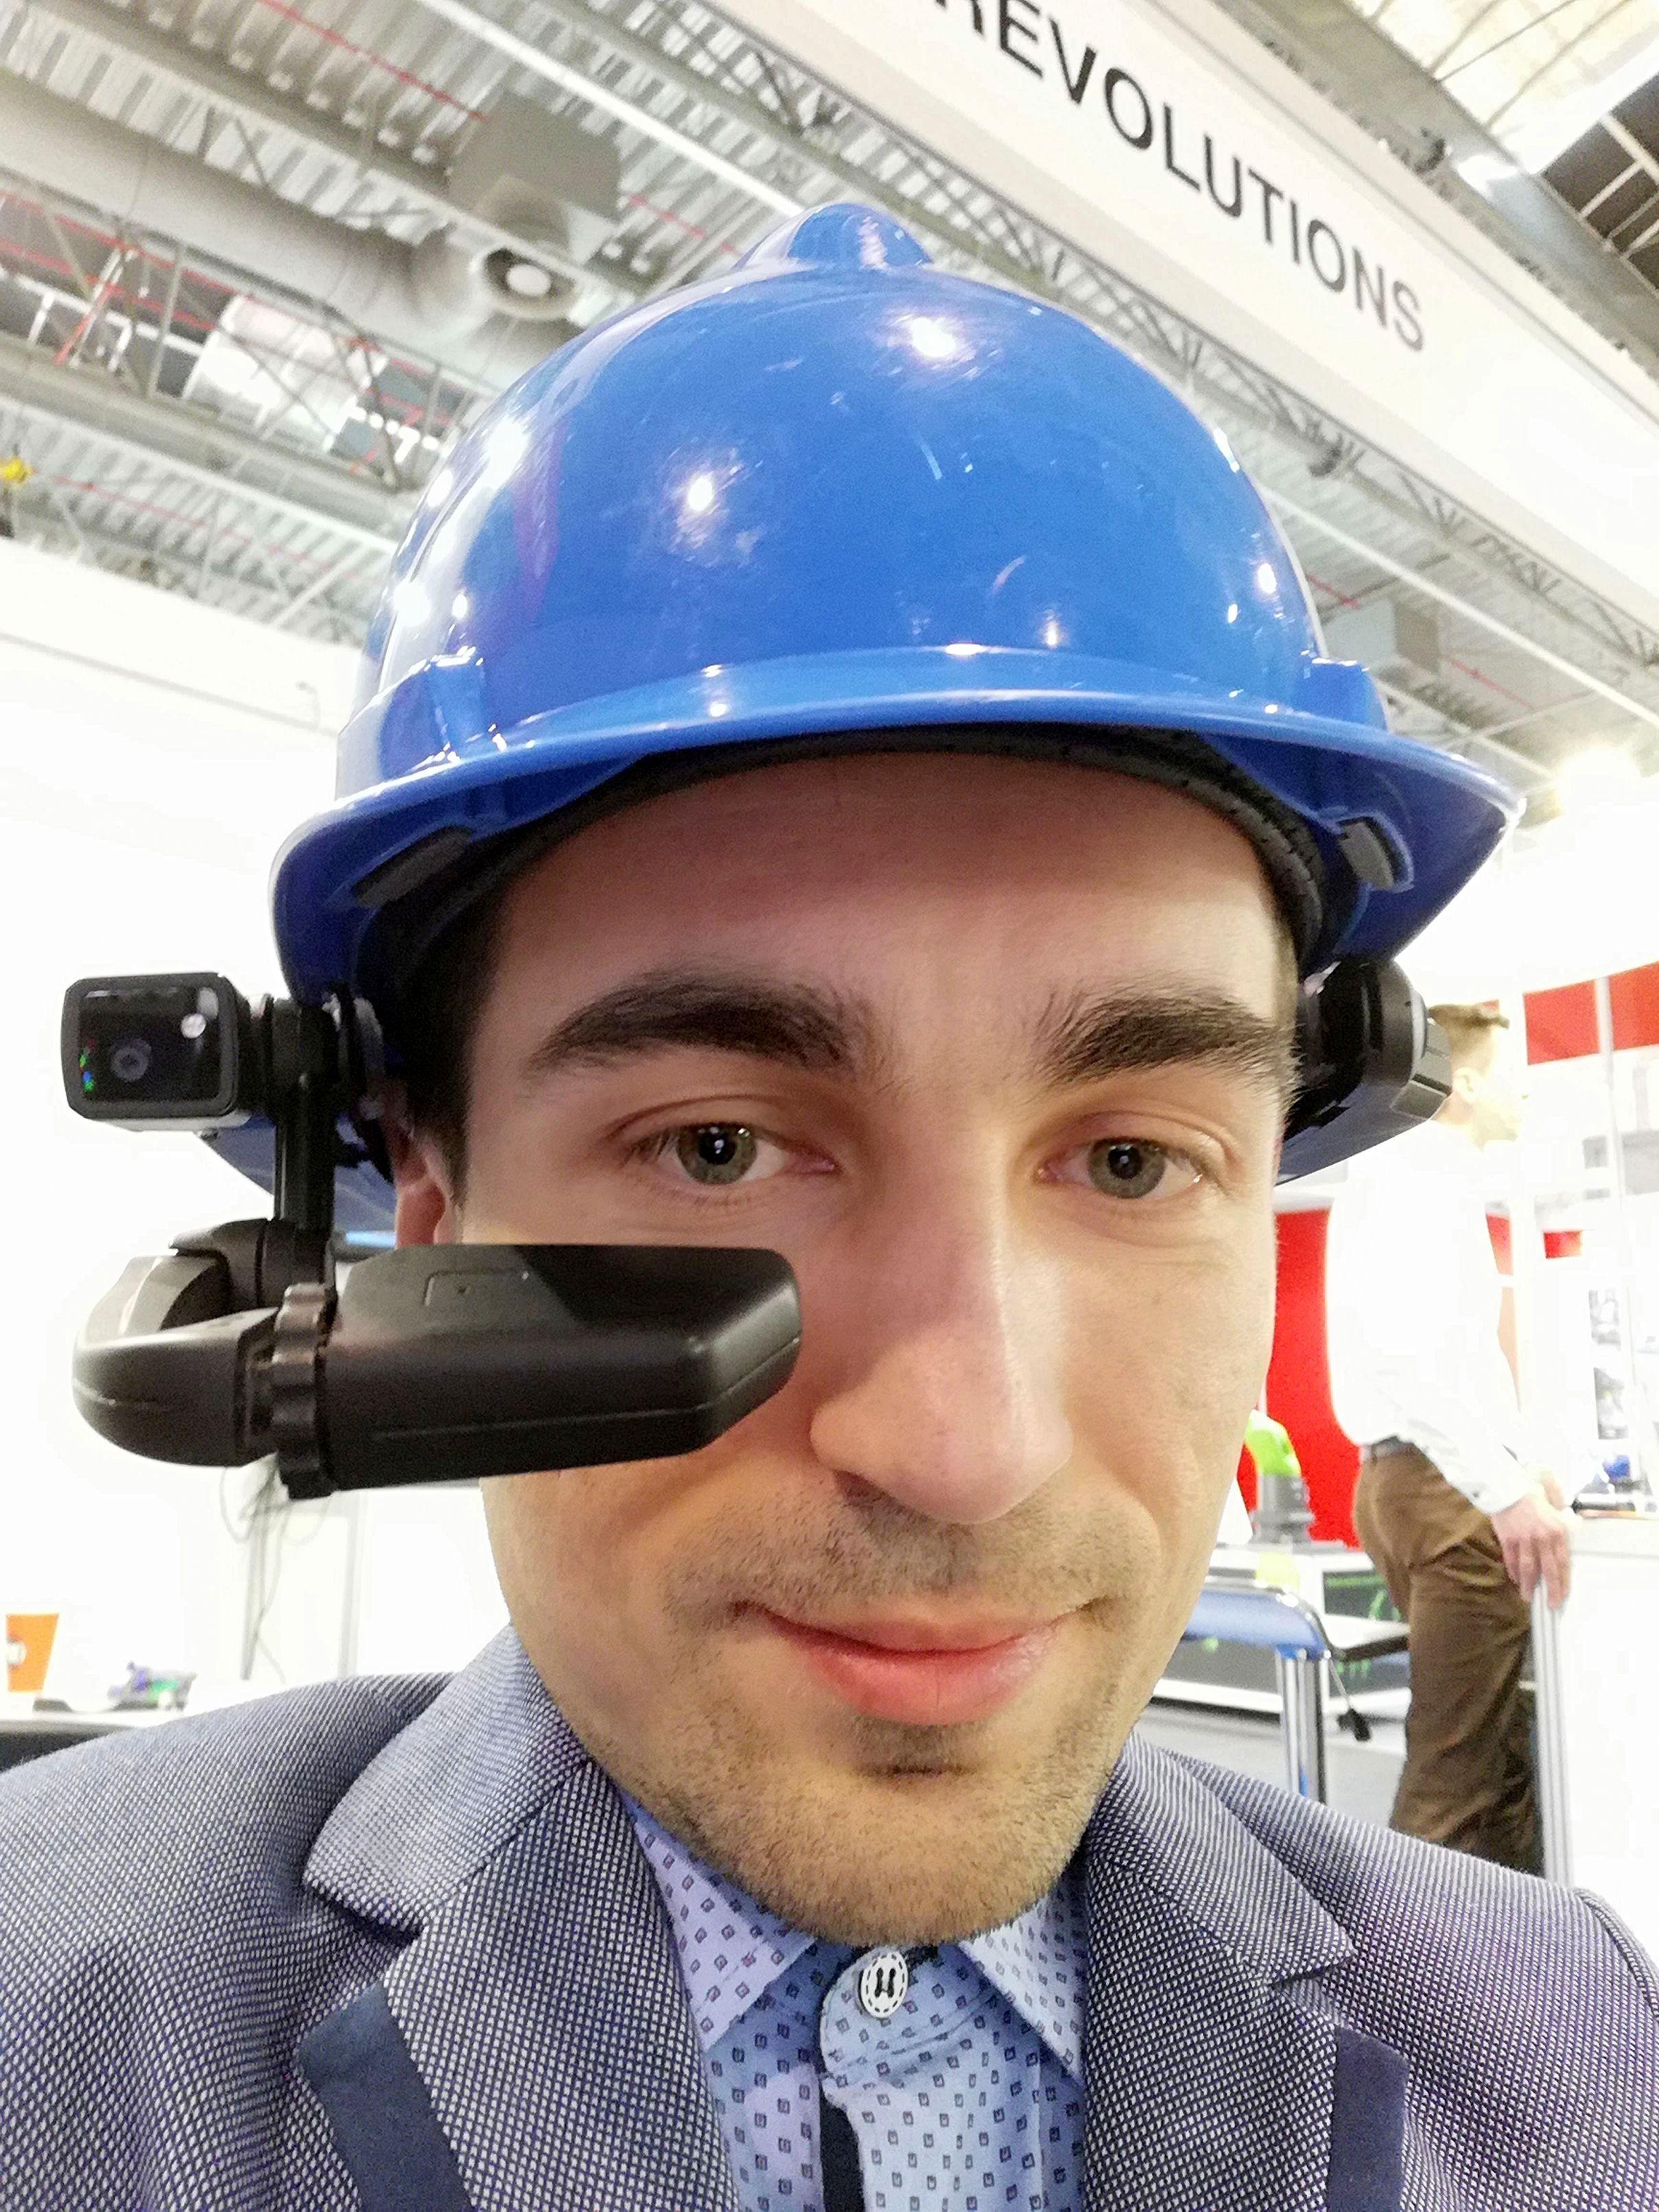 RealWear HMT-1 kask, helmet